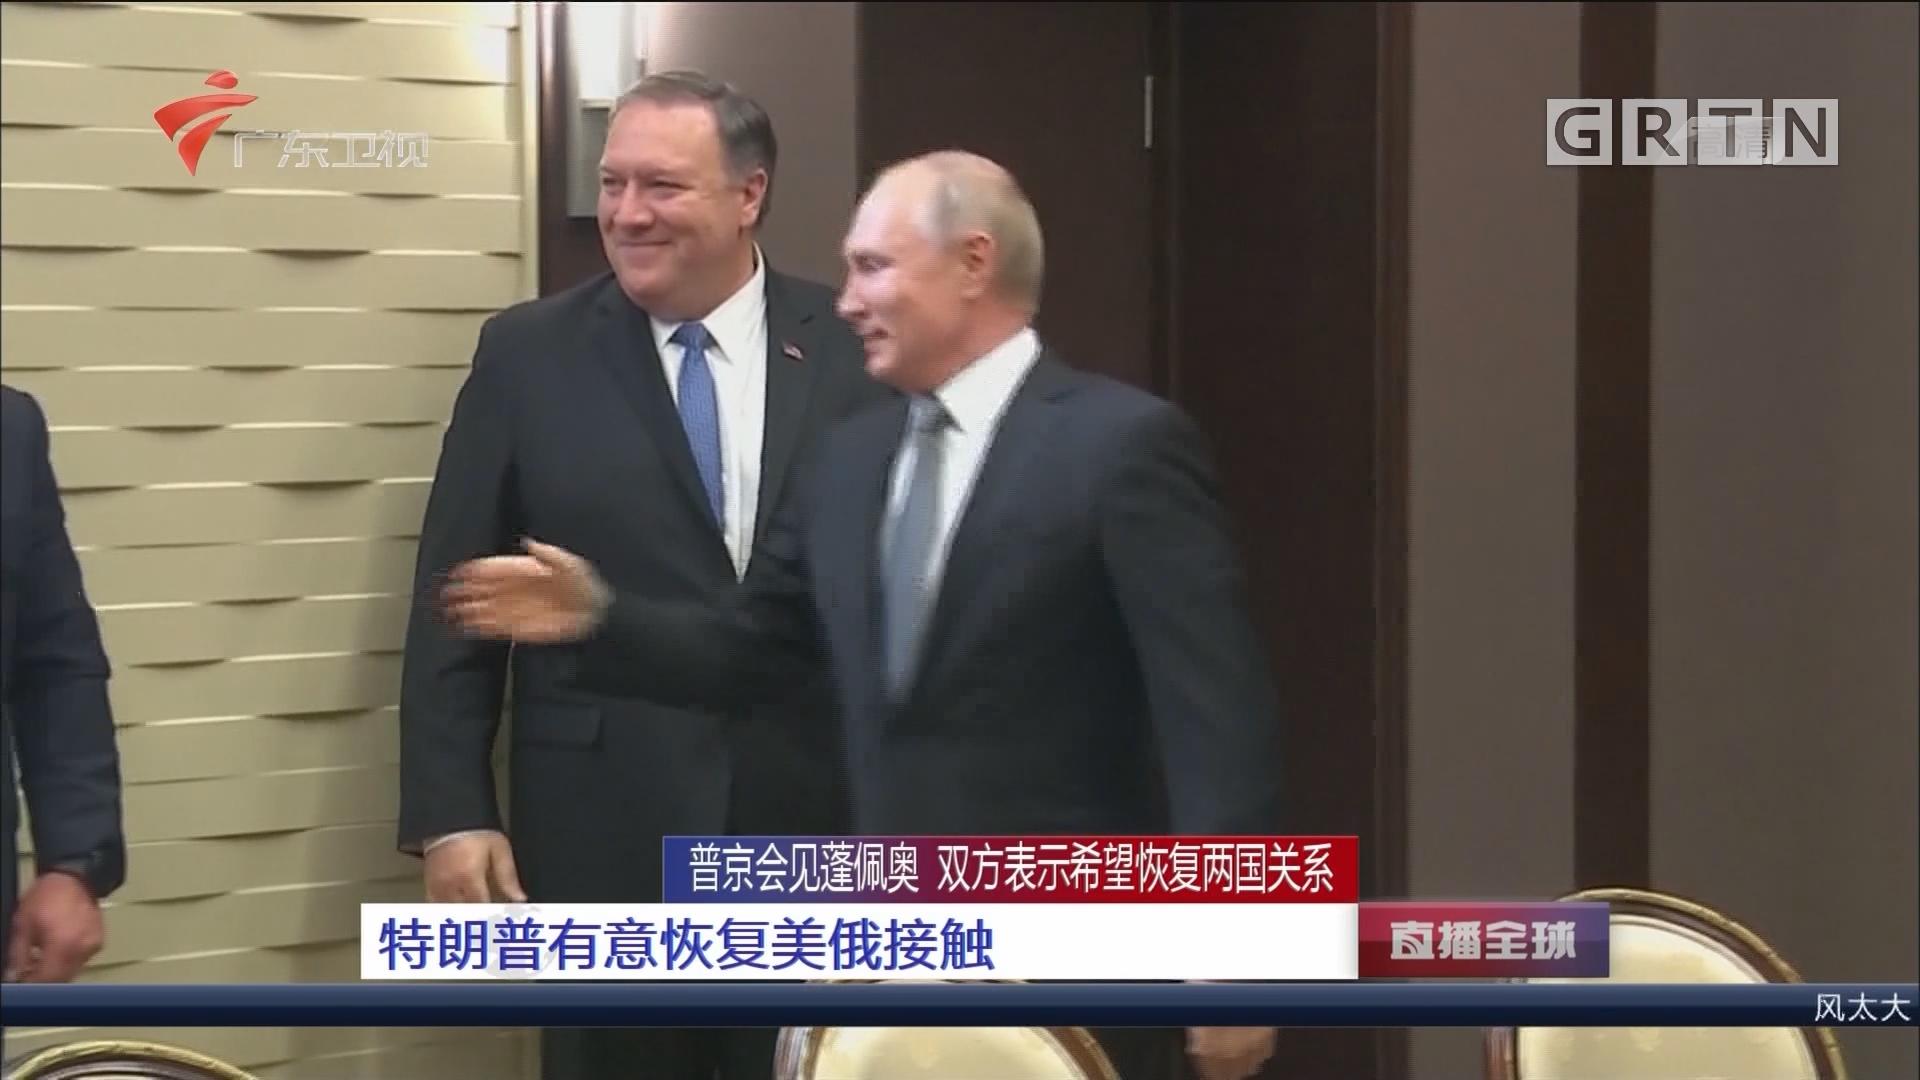 ?#31449;?#20250;见蓬佩奥 双方表示希望恢复两国关系 特朗普有意恢复美俄接触